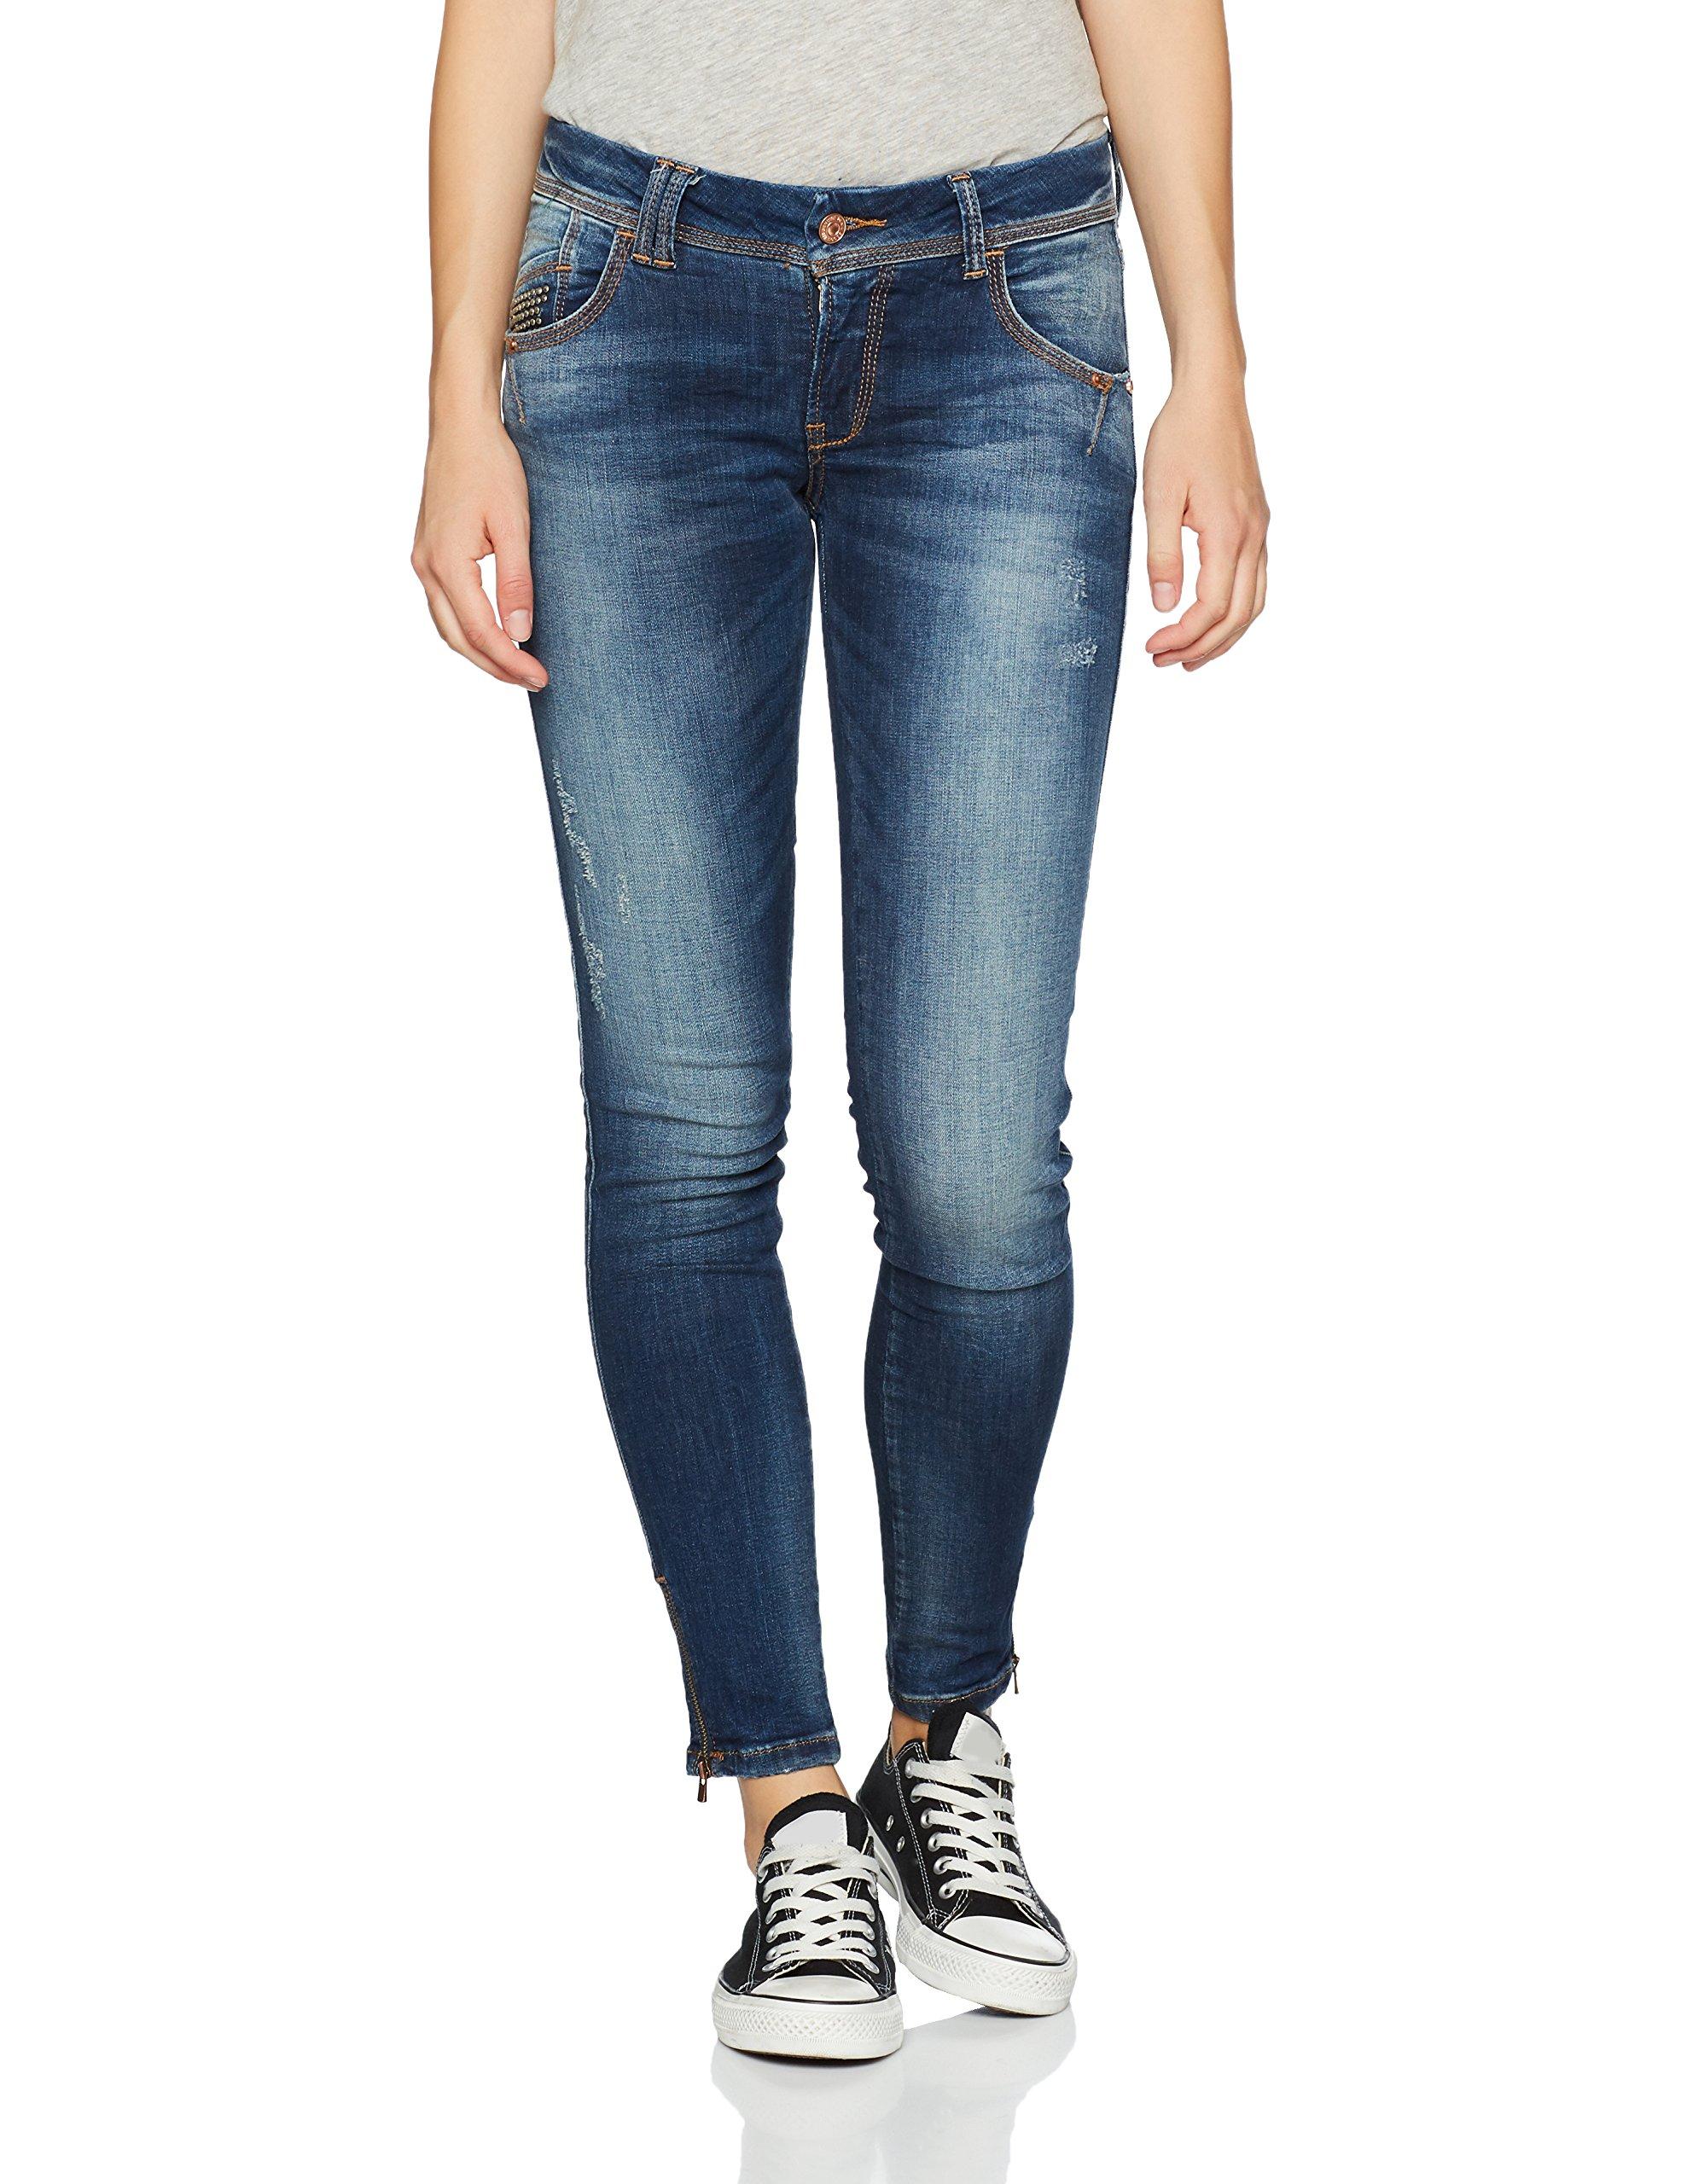 Wash AjustéeBlaudelia Marcy Jean Coupe Jeans Ltb 50326W31 Femme rdoCBxeW